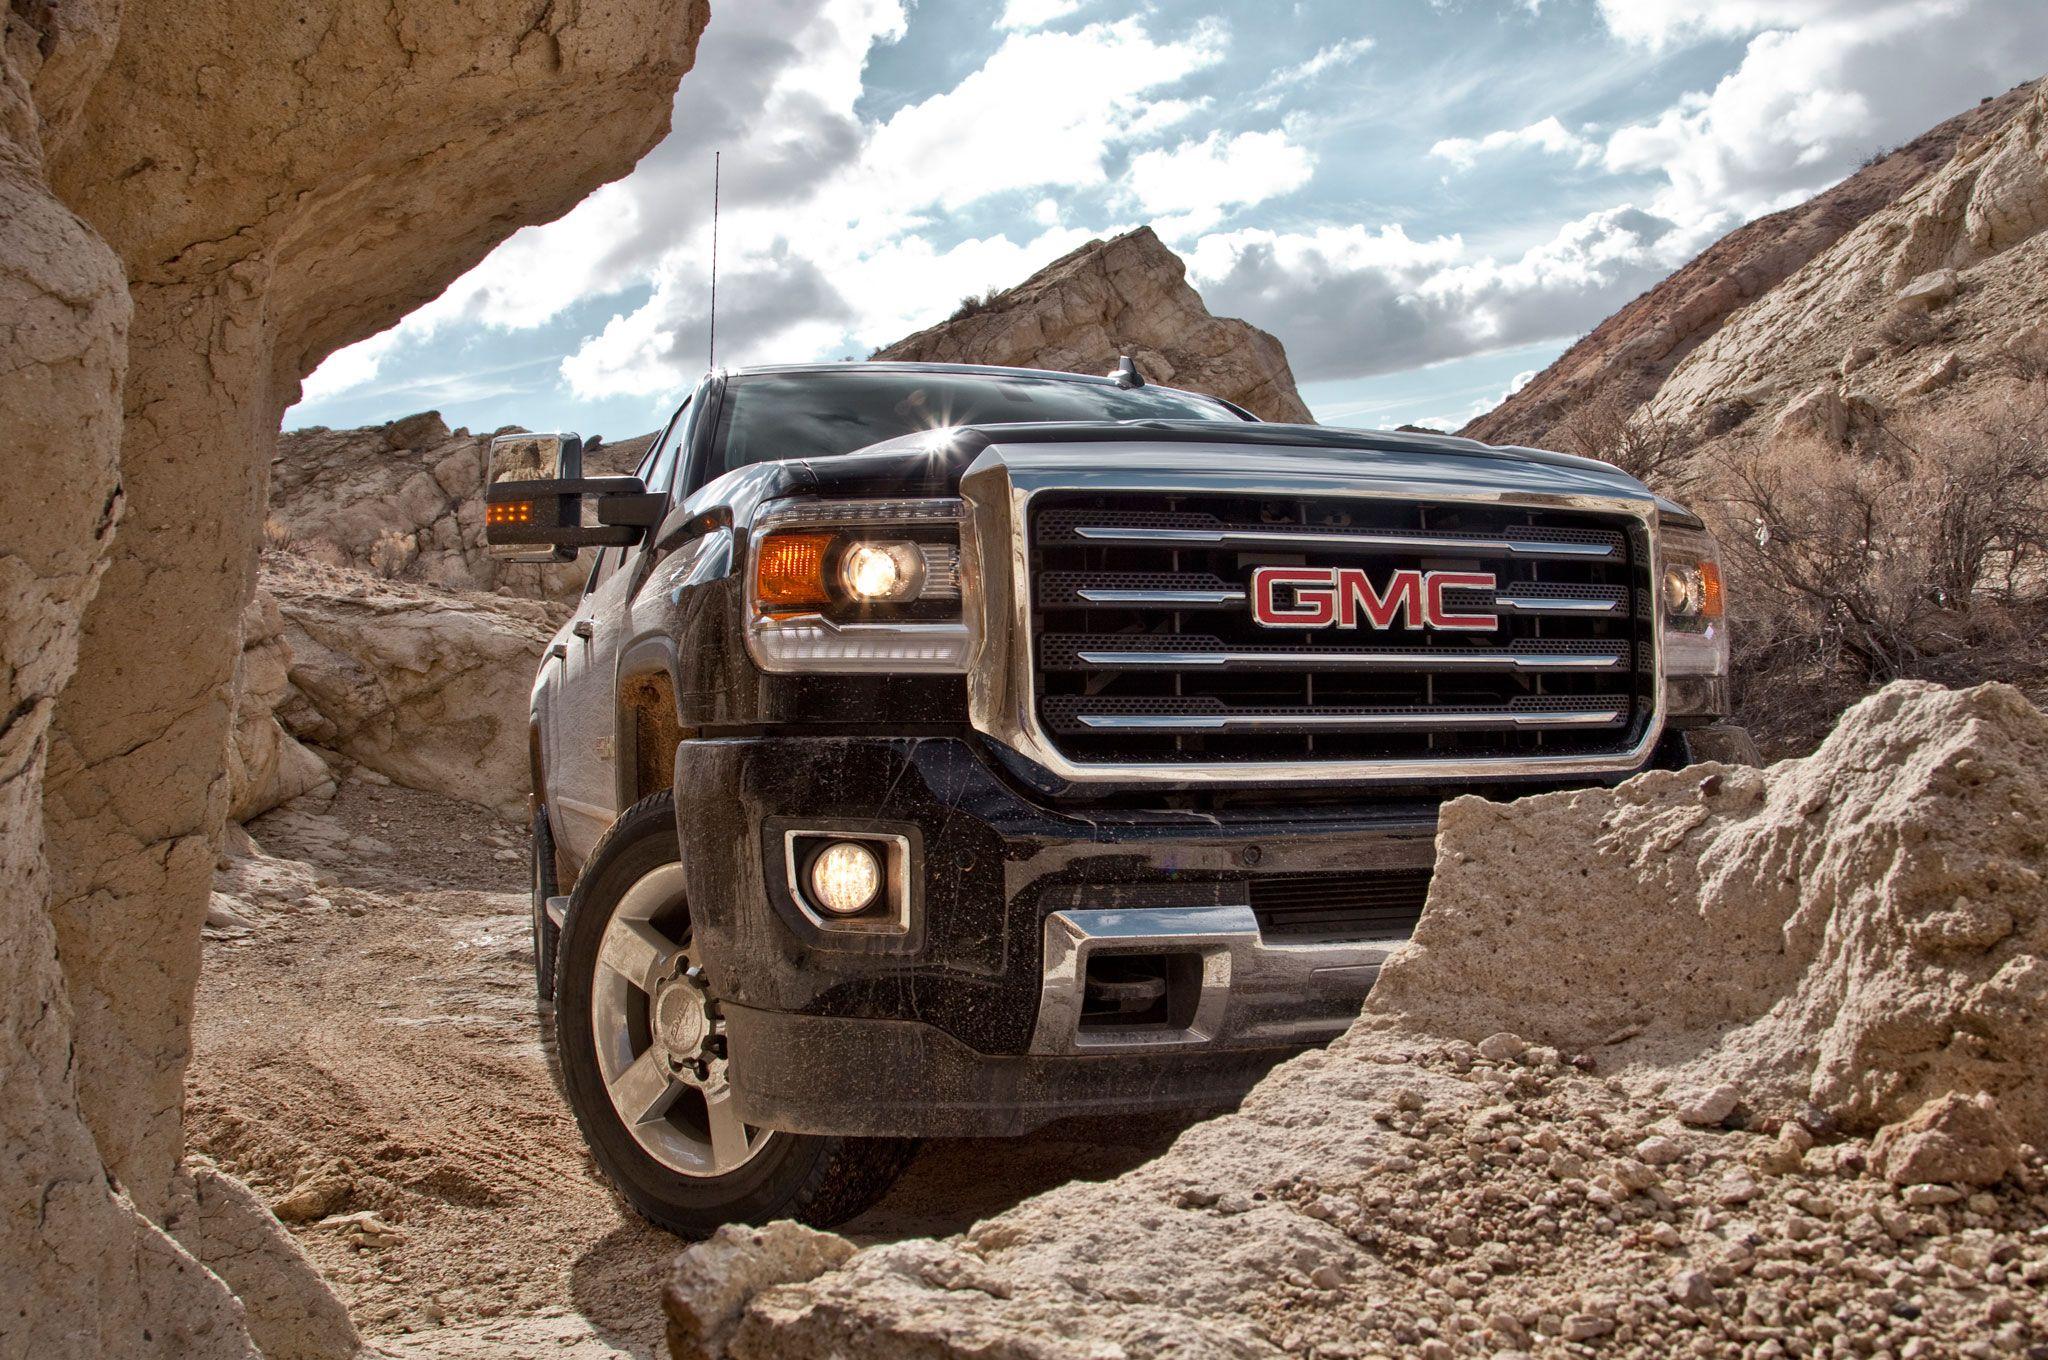 2015-gmc-sierra-2500-offroad-rocks